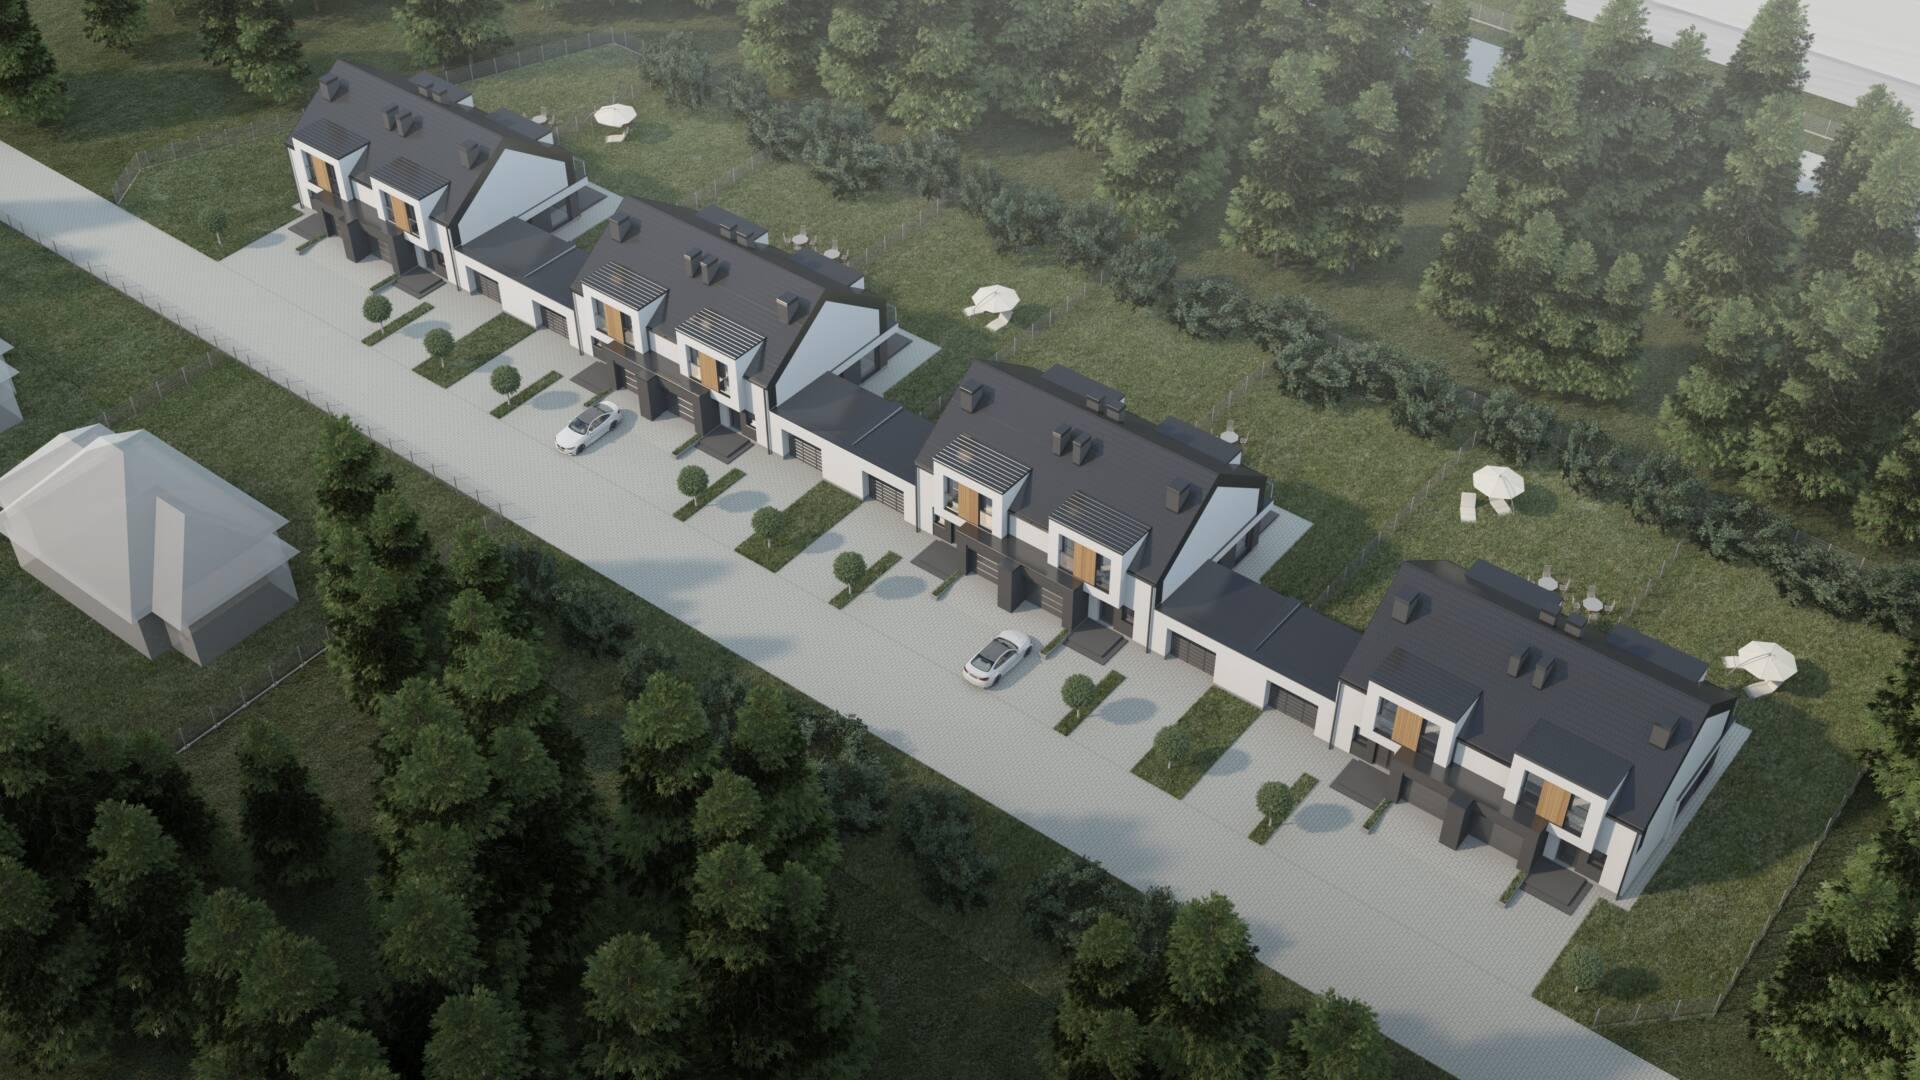 pro c 01 min Zamość: Inteligentne domy w sprzedaży (zdjęcia)